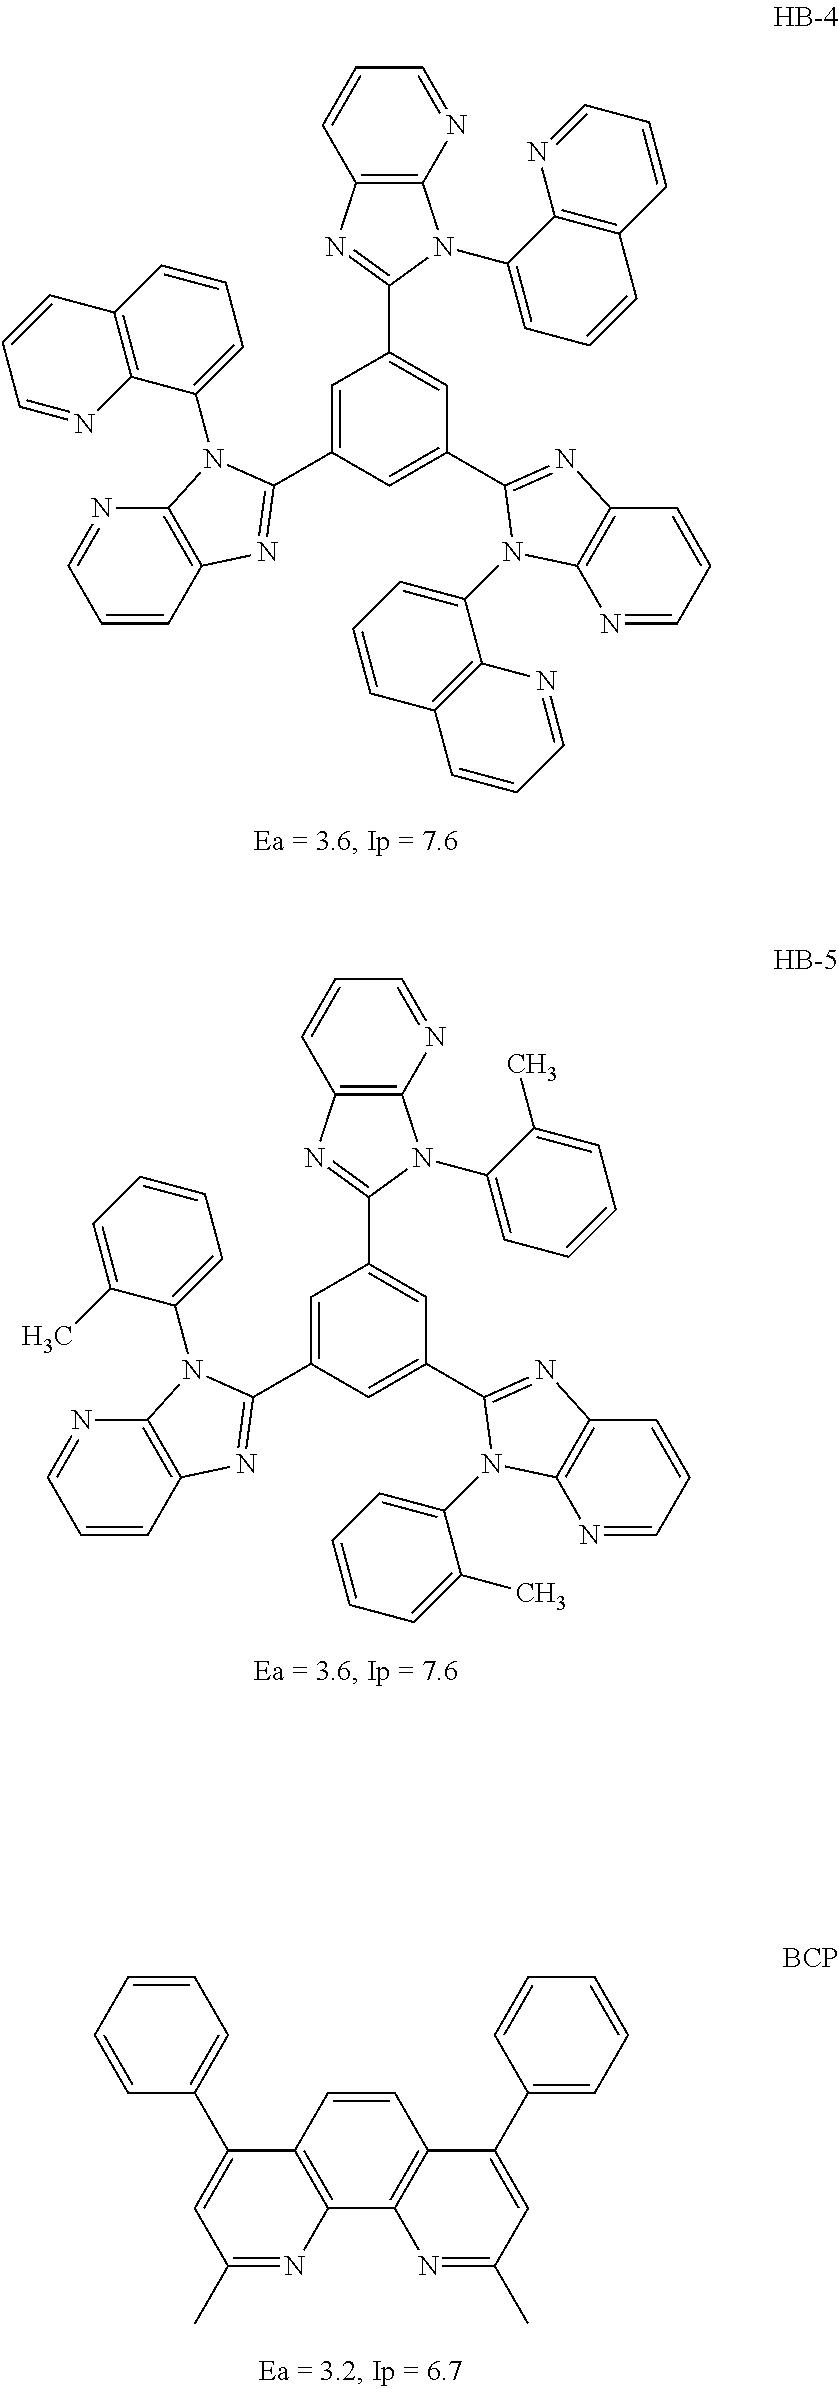 Figure US08847141-20140930-C00066